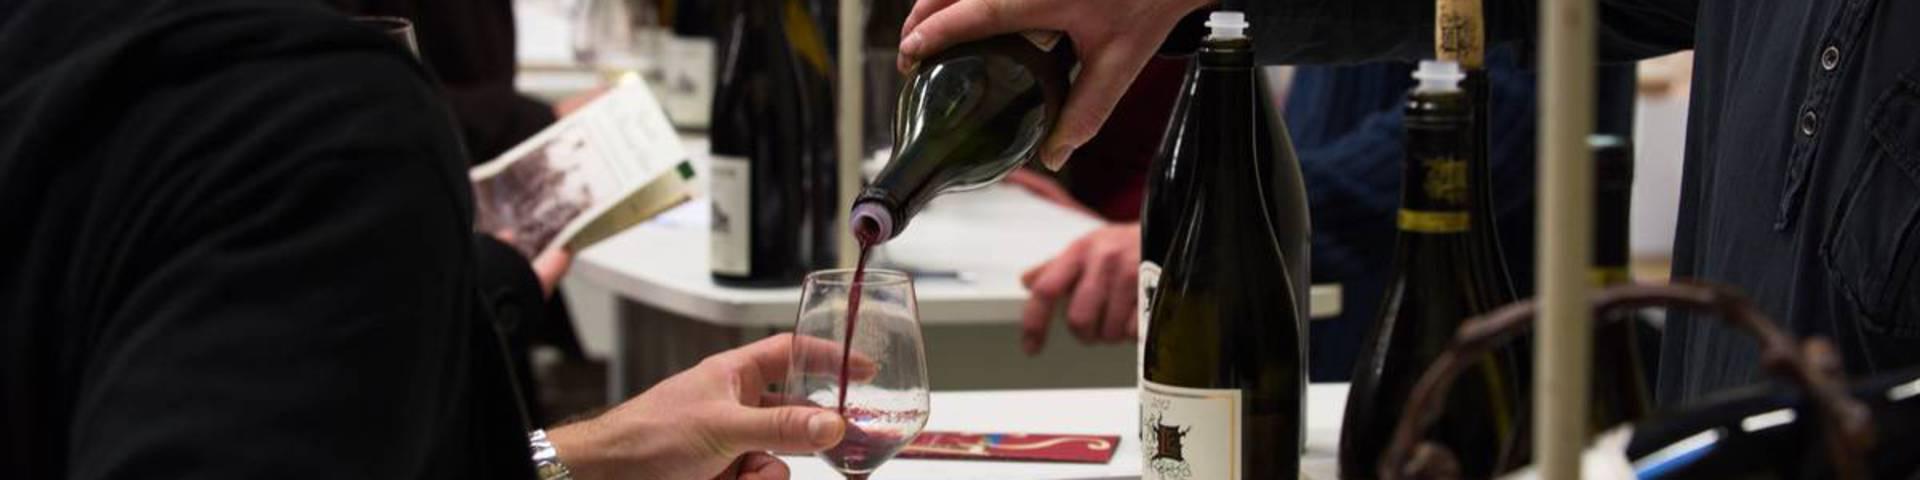 marche aux vins chavanay